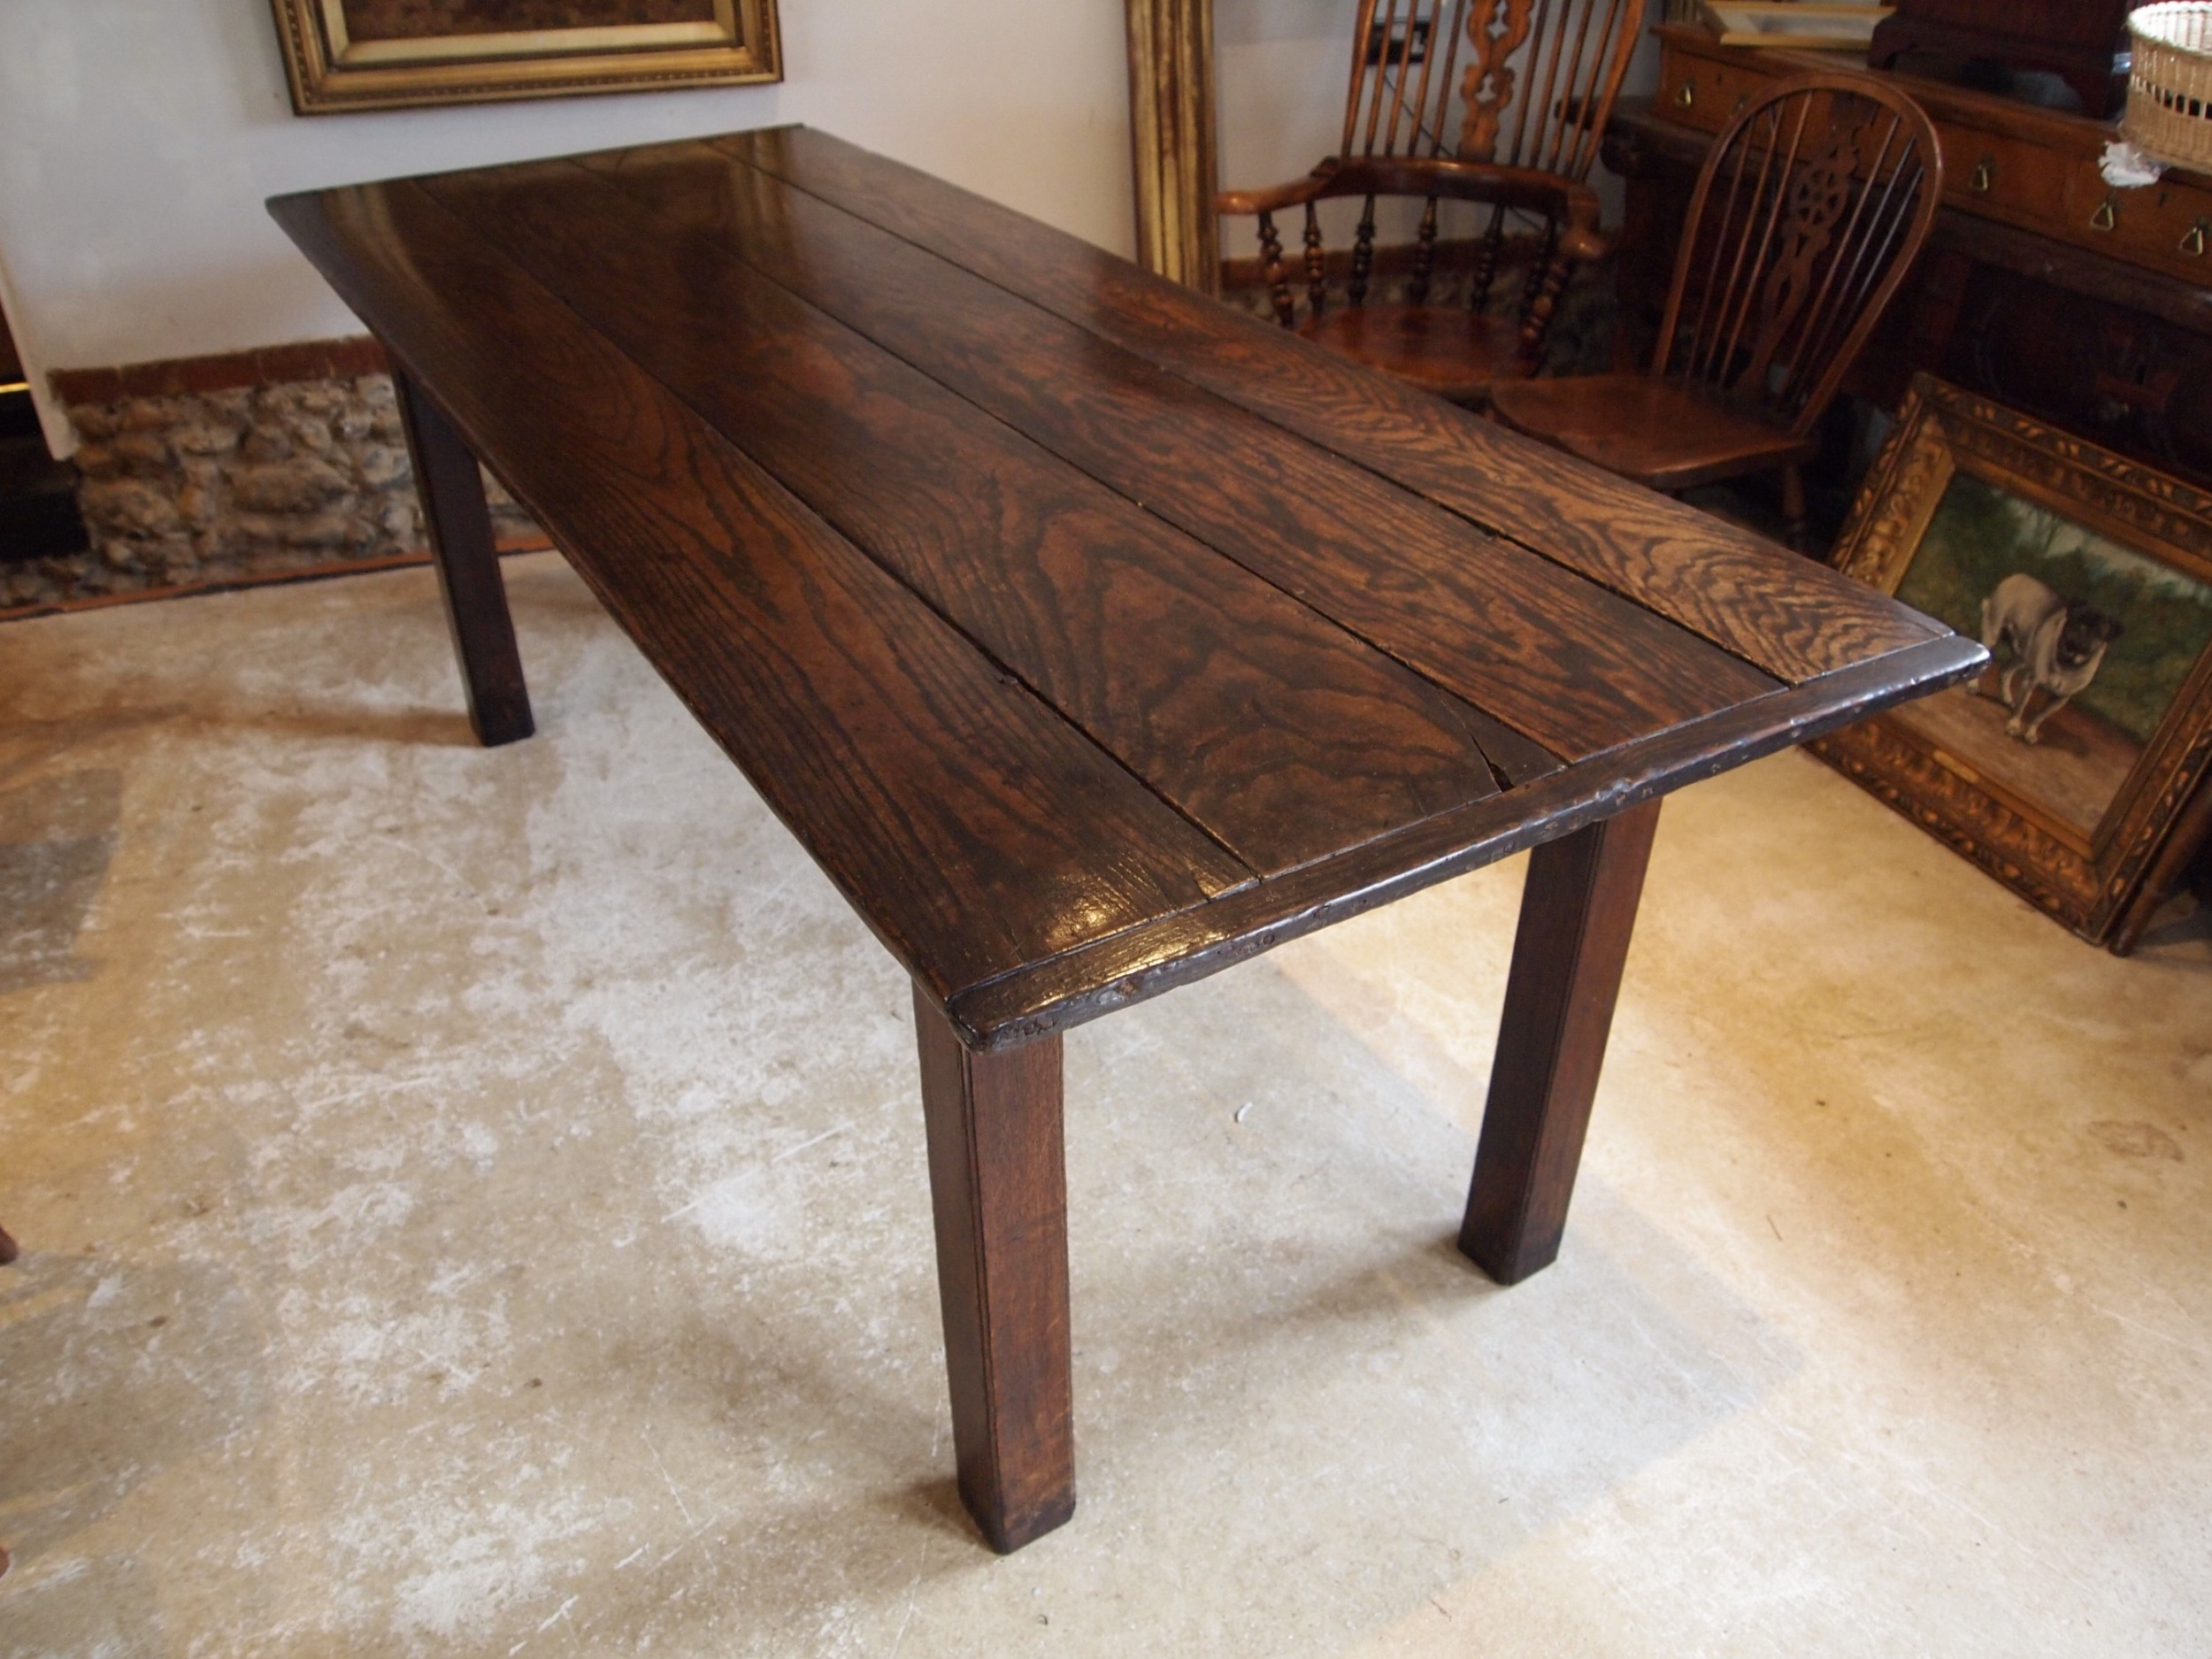 table rare english george i oak refectory farmhouse c1720